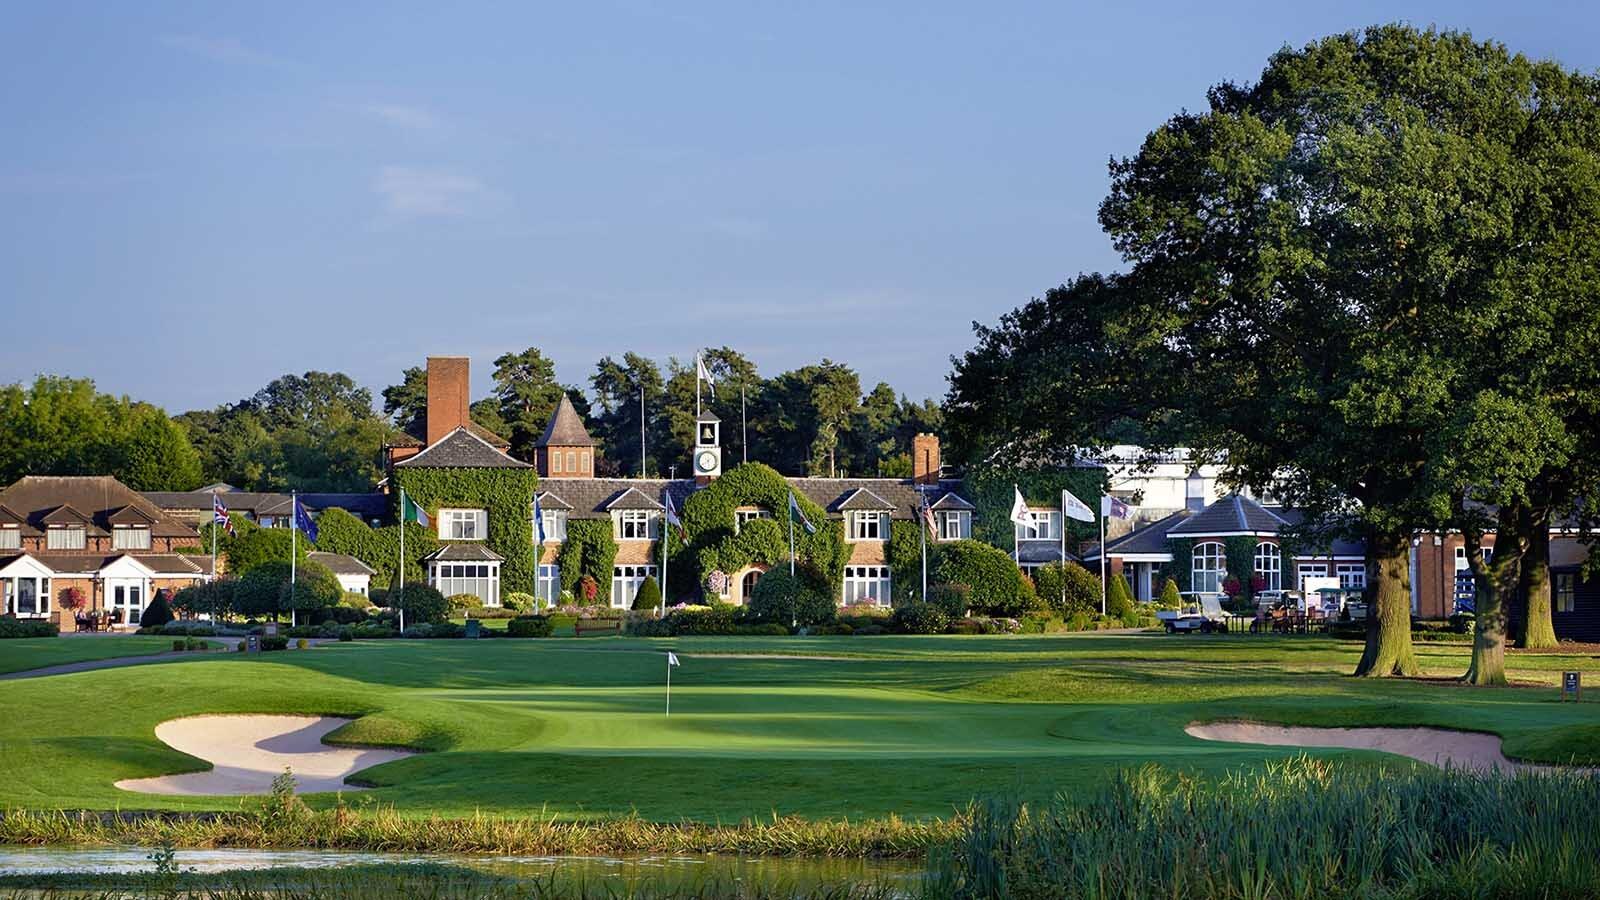 The Belfry Golf Club Hotel